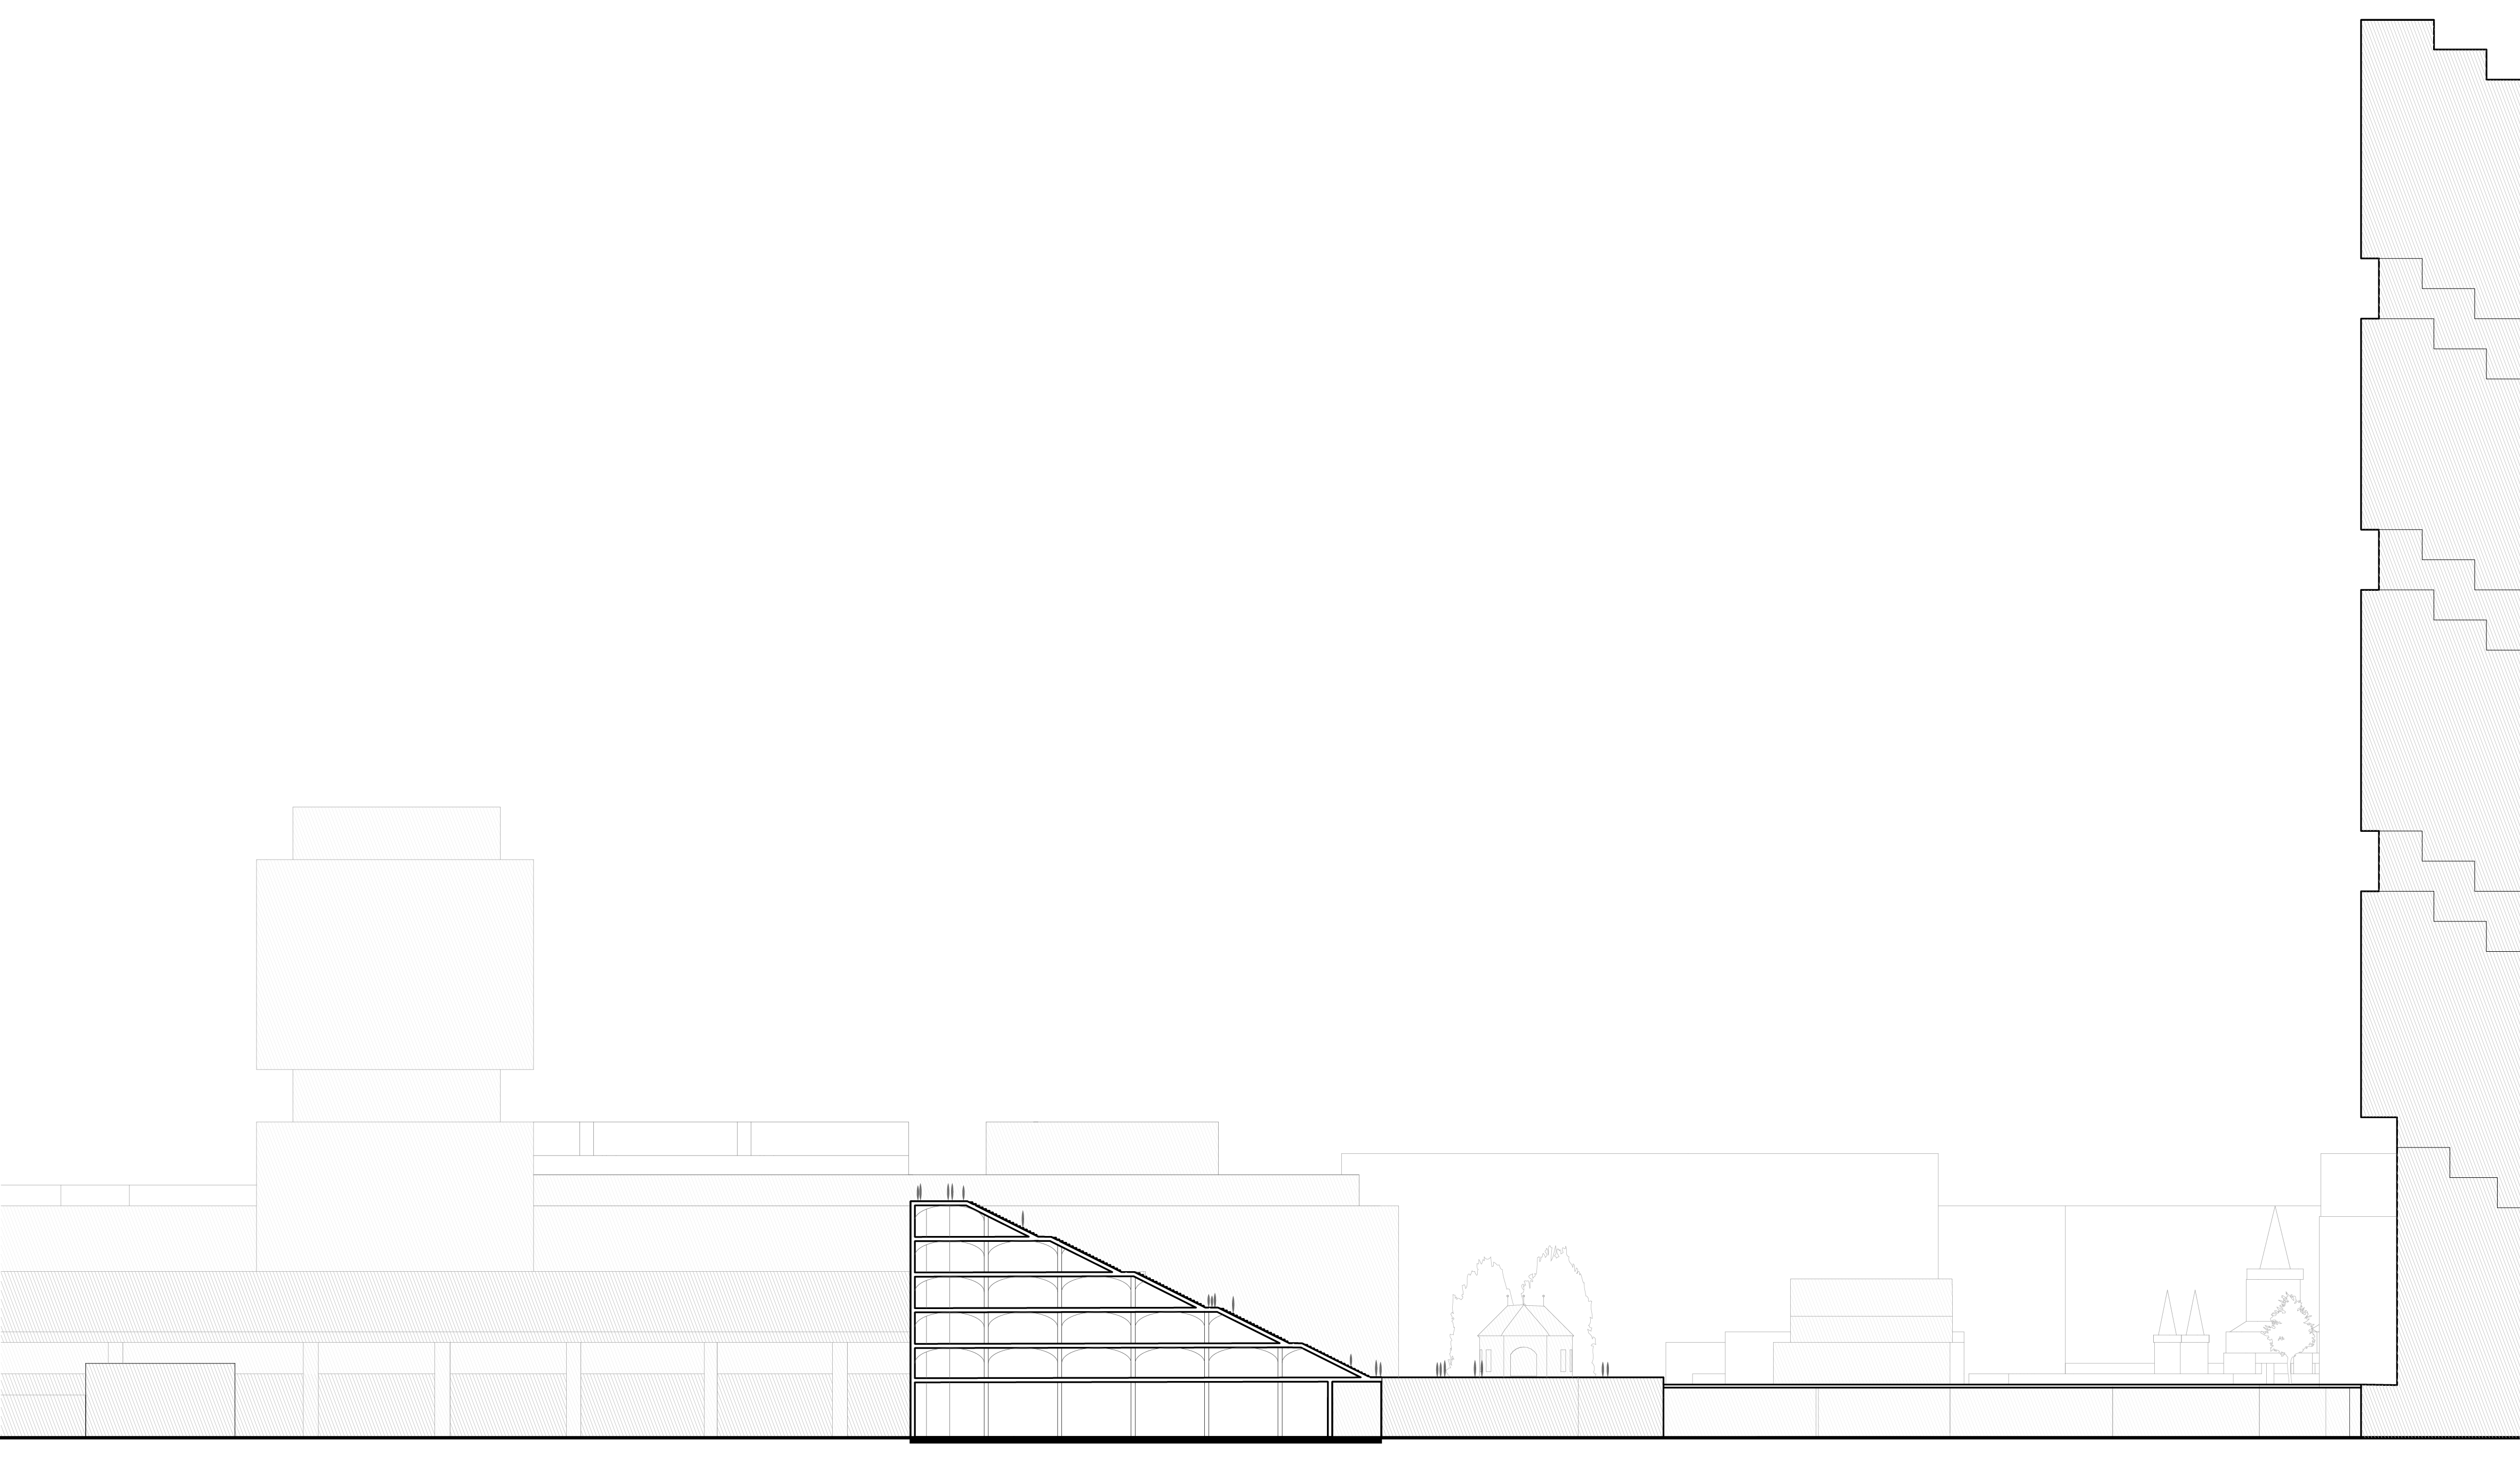 RUD_210629_SN_3